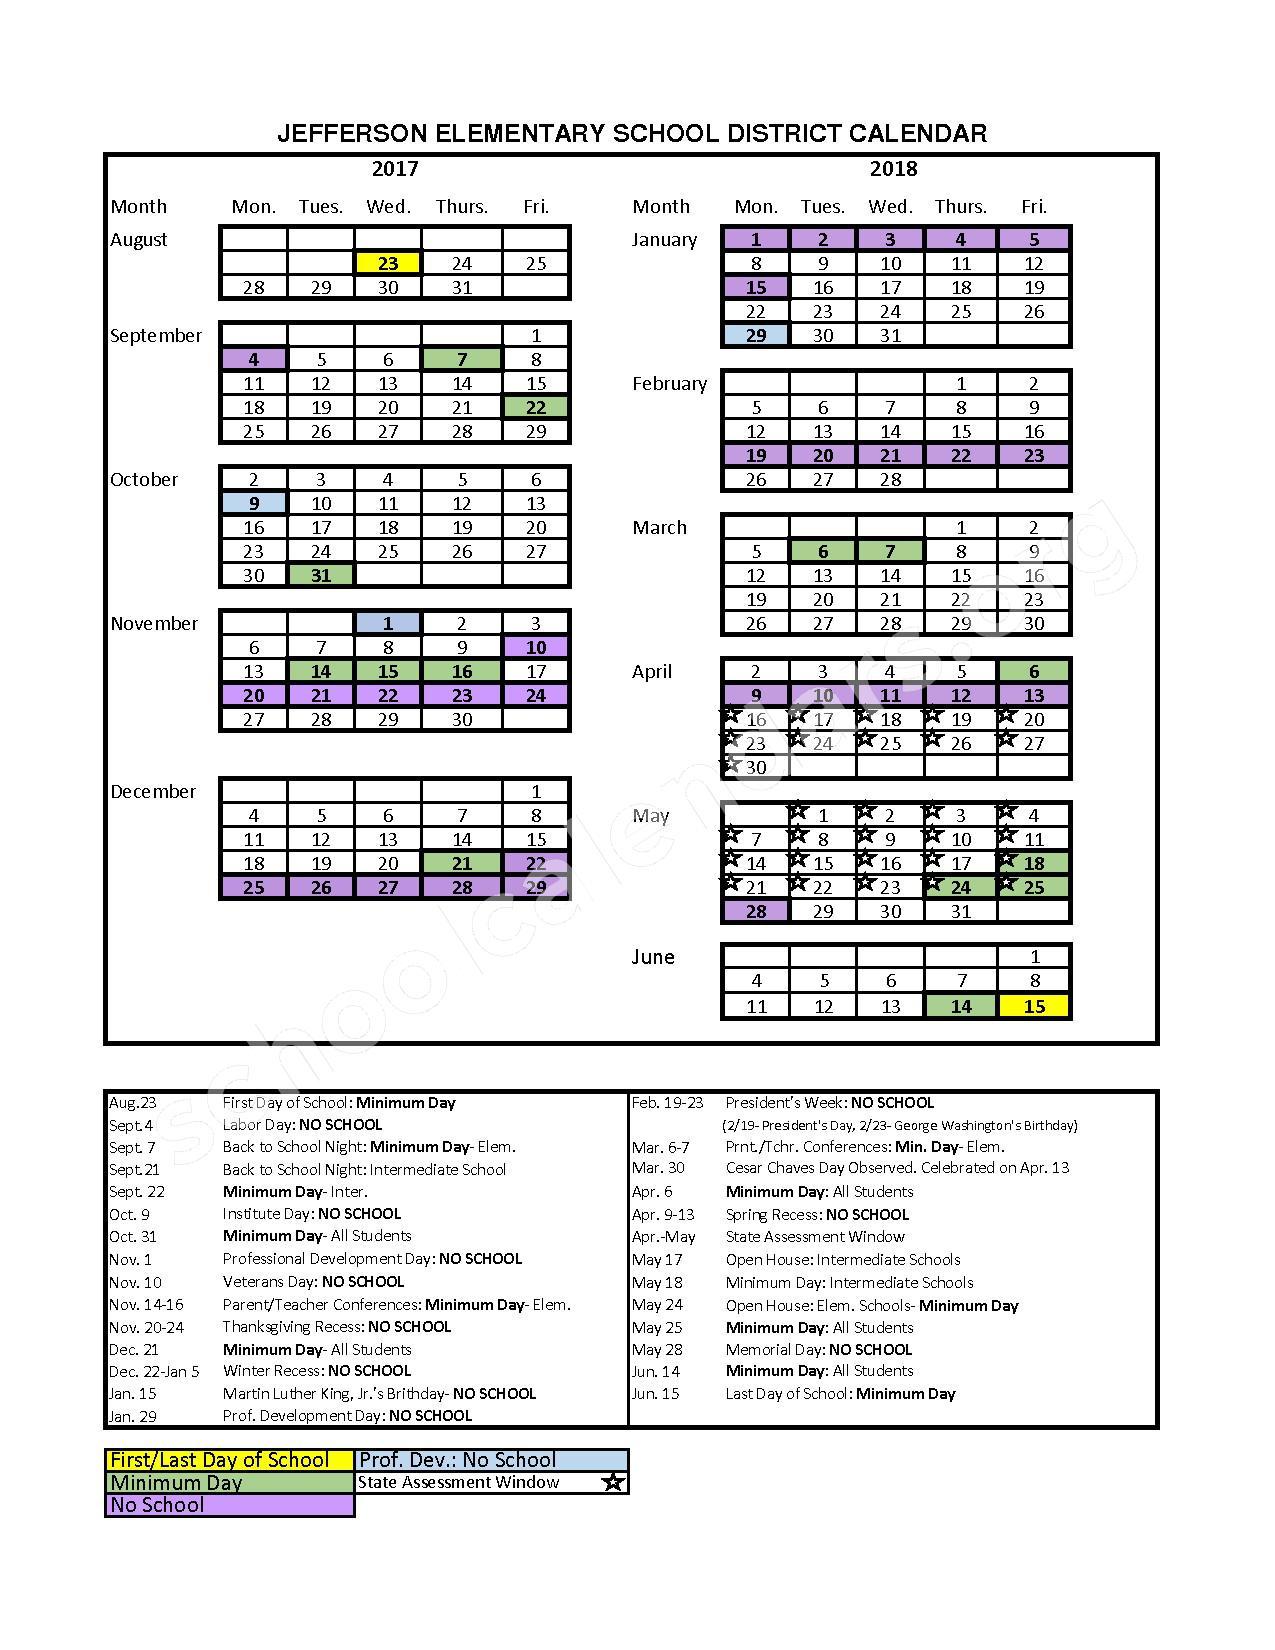 2017 - 2018 School Calendar – Jefferson Elementary School District – page 1